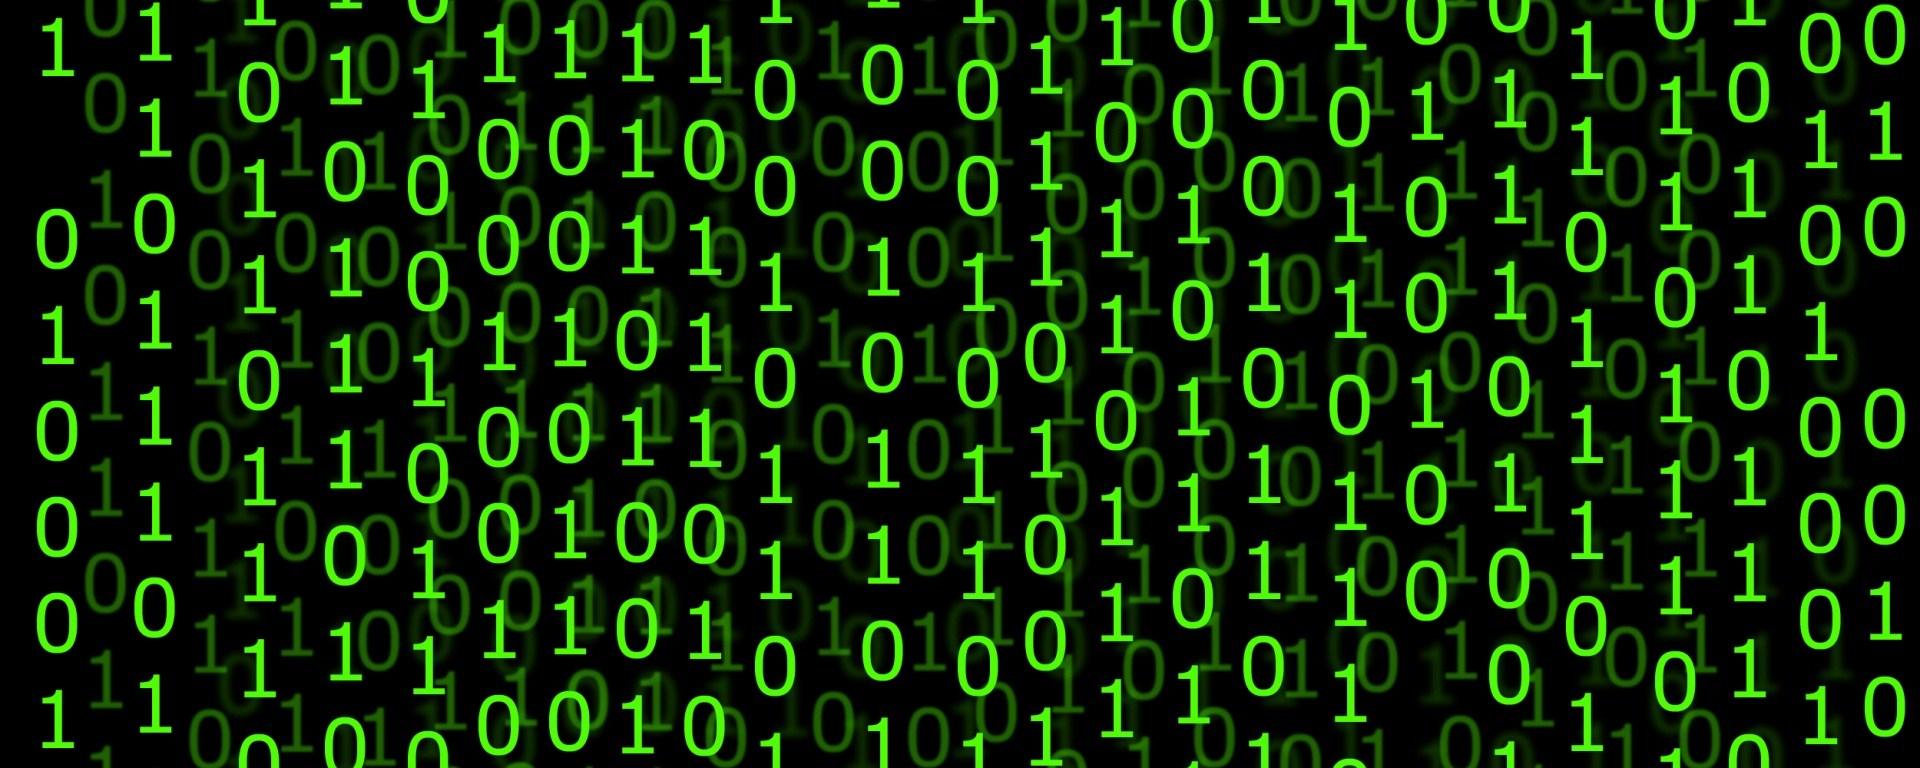 matrix-1461373324WTC